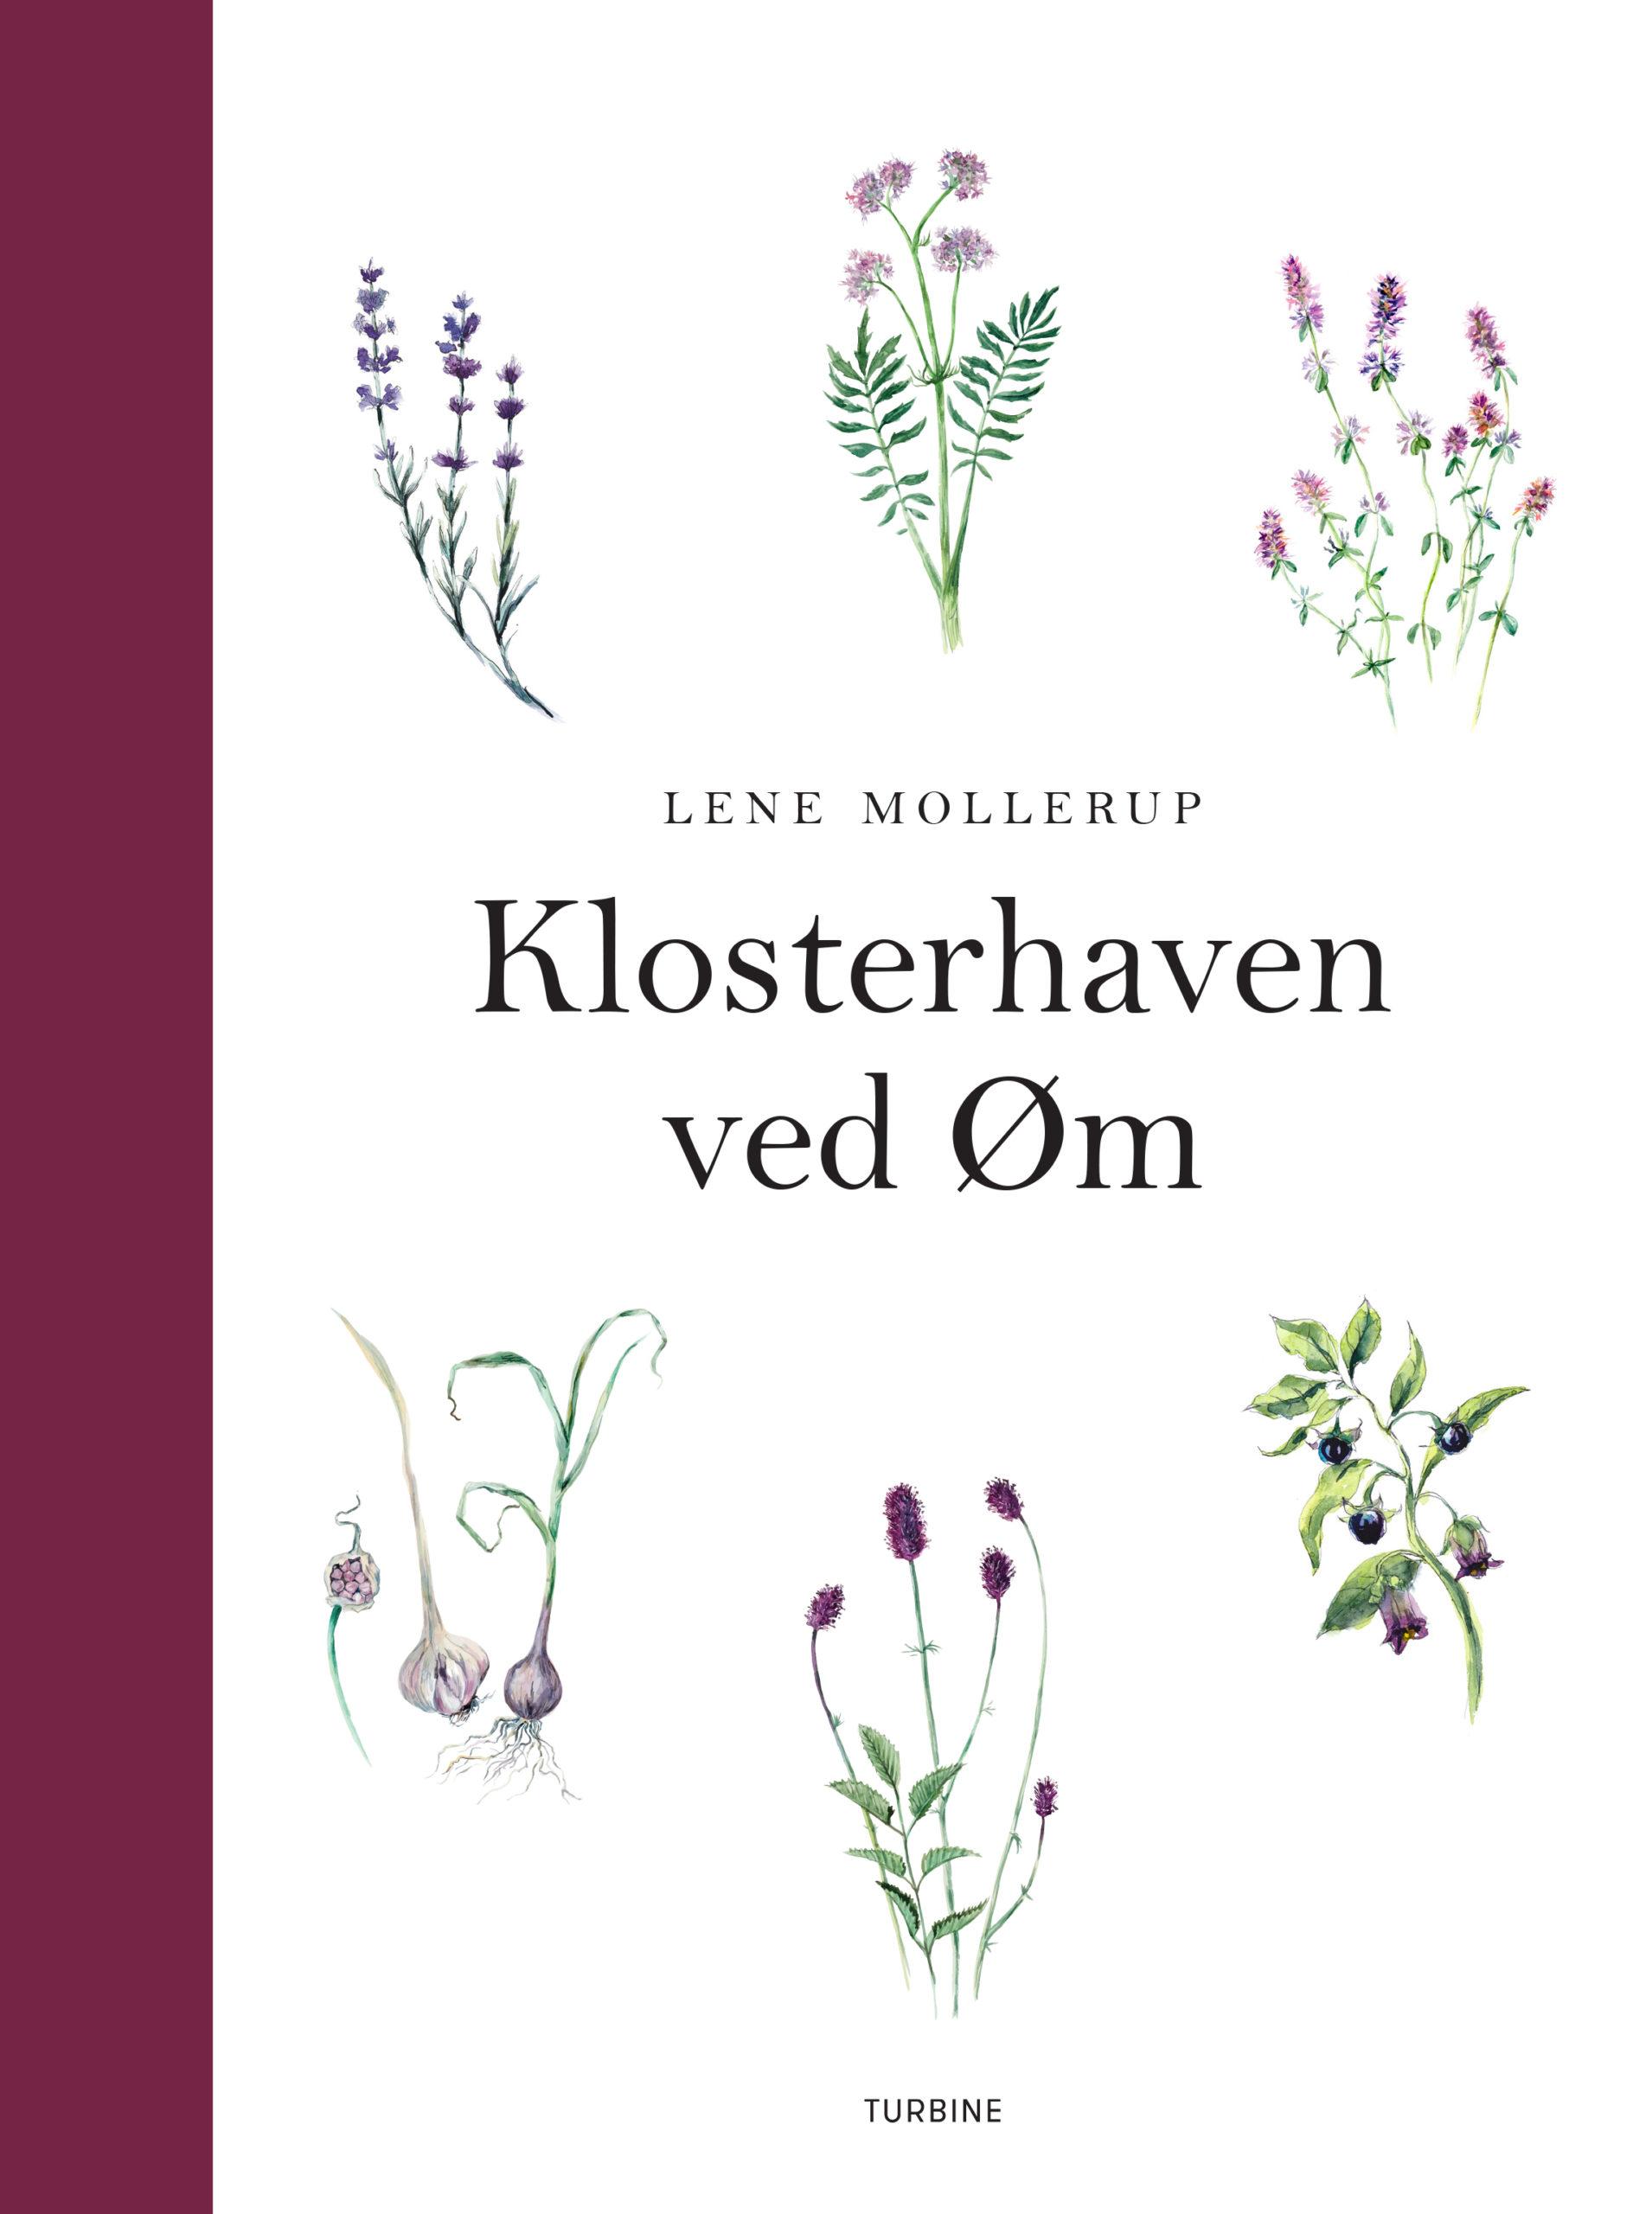 Klosterhaven ved Øm